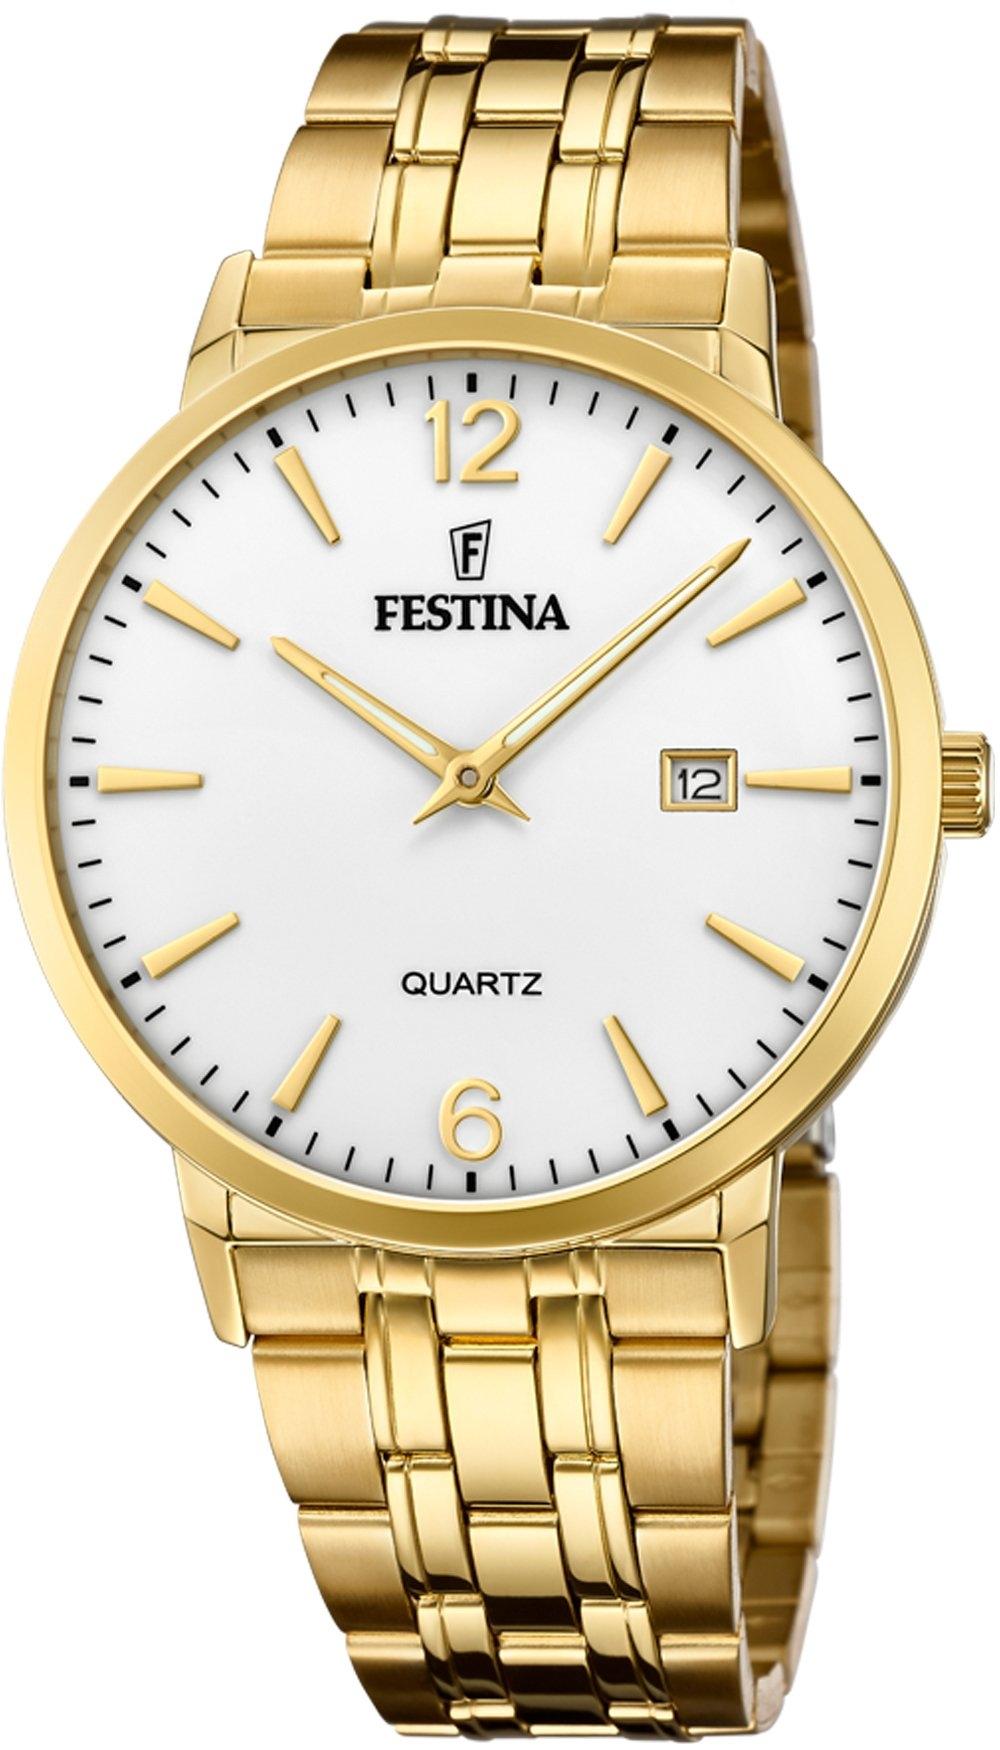 Festina kwartshorloge F20513/2 nu online kopen bij OTTO